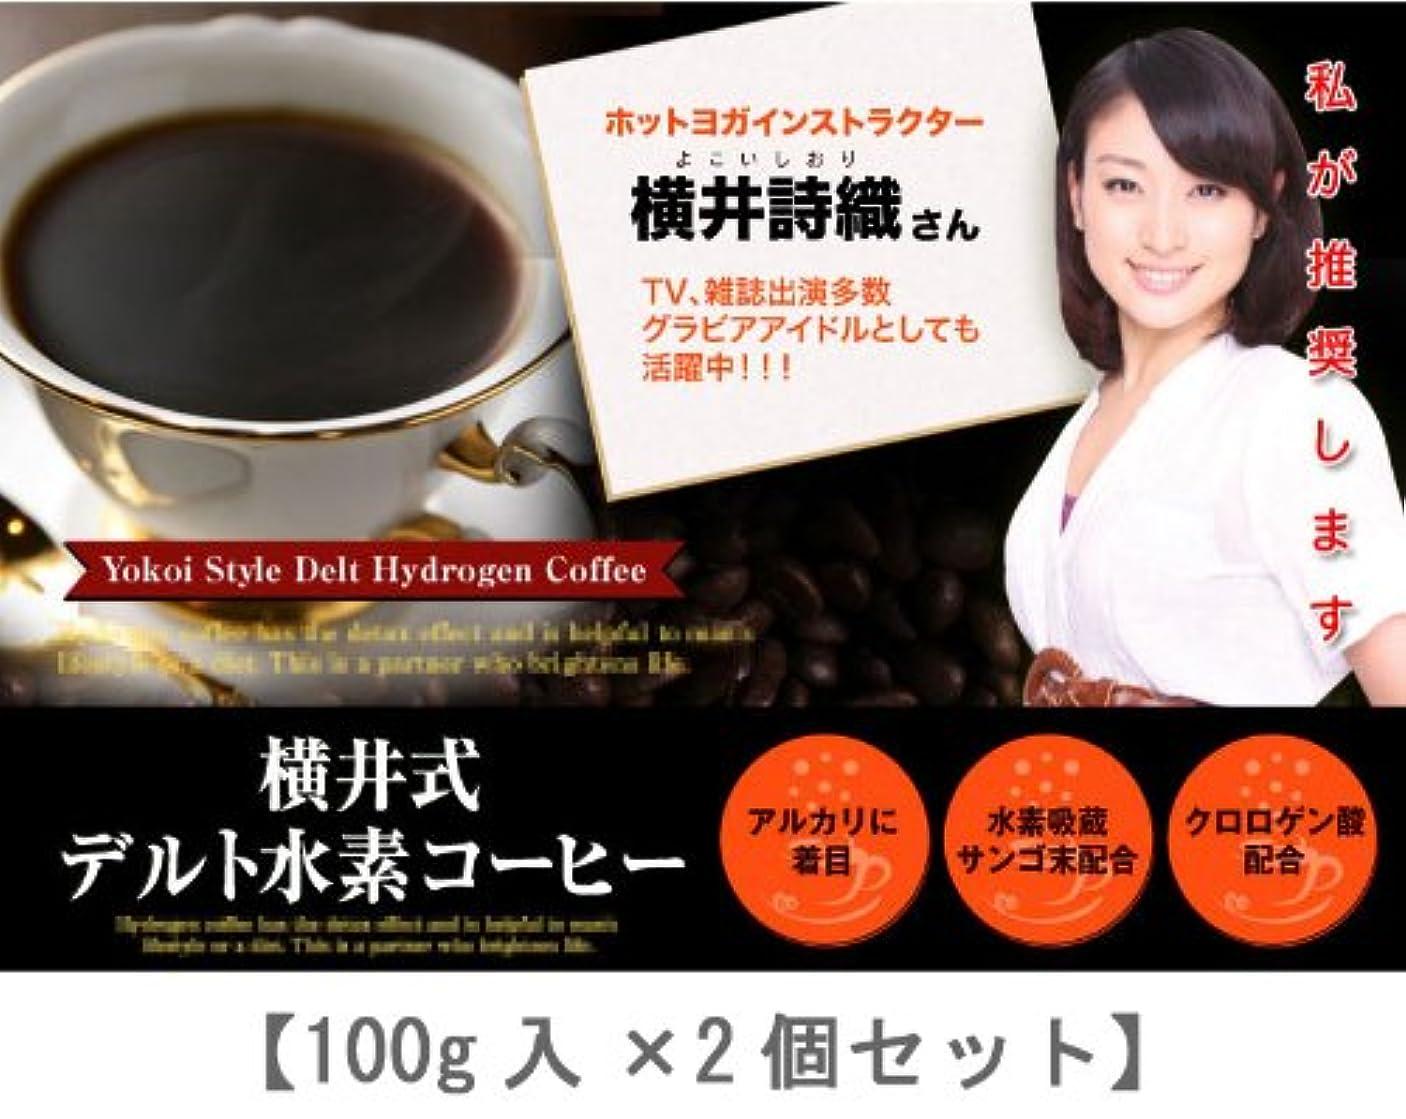 すり減る愛されし者膜横井式デルト水素コーヒー 2個セット(水素配合ダイエットコーヒー)